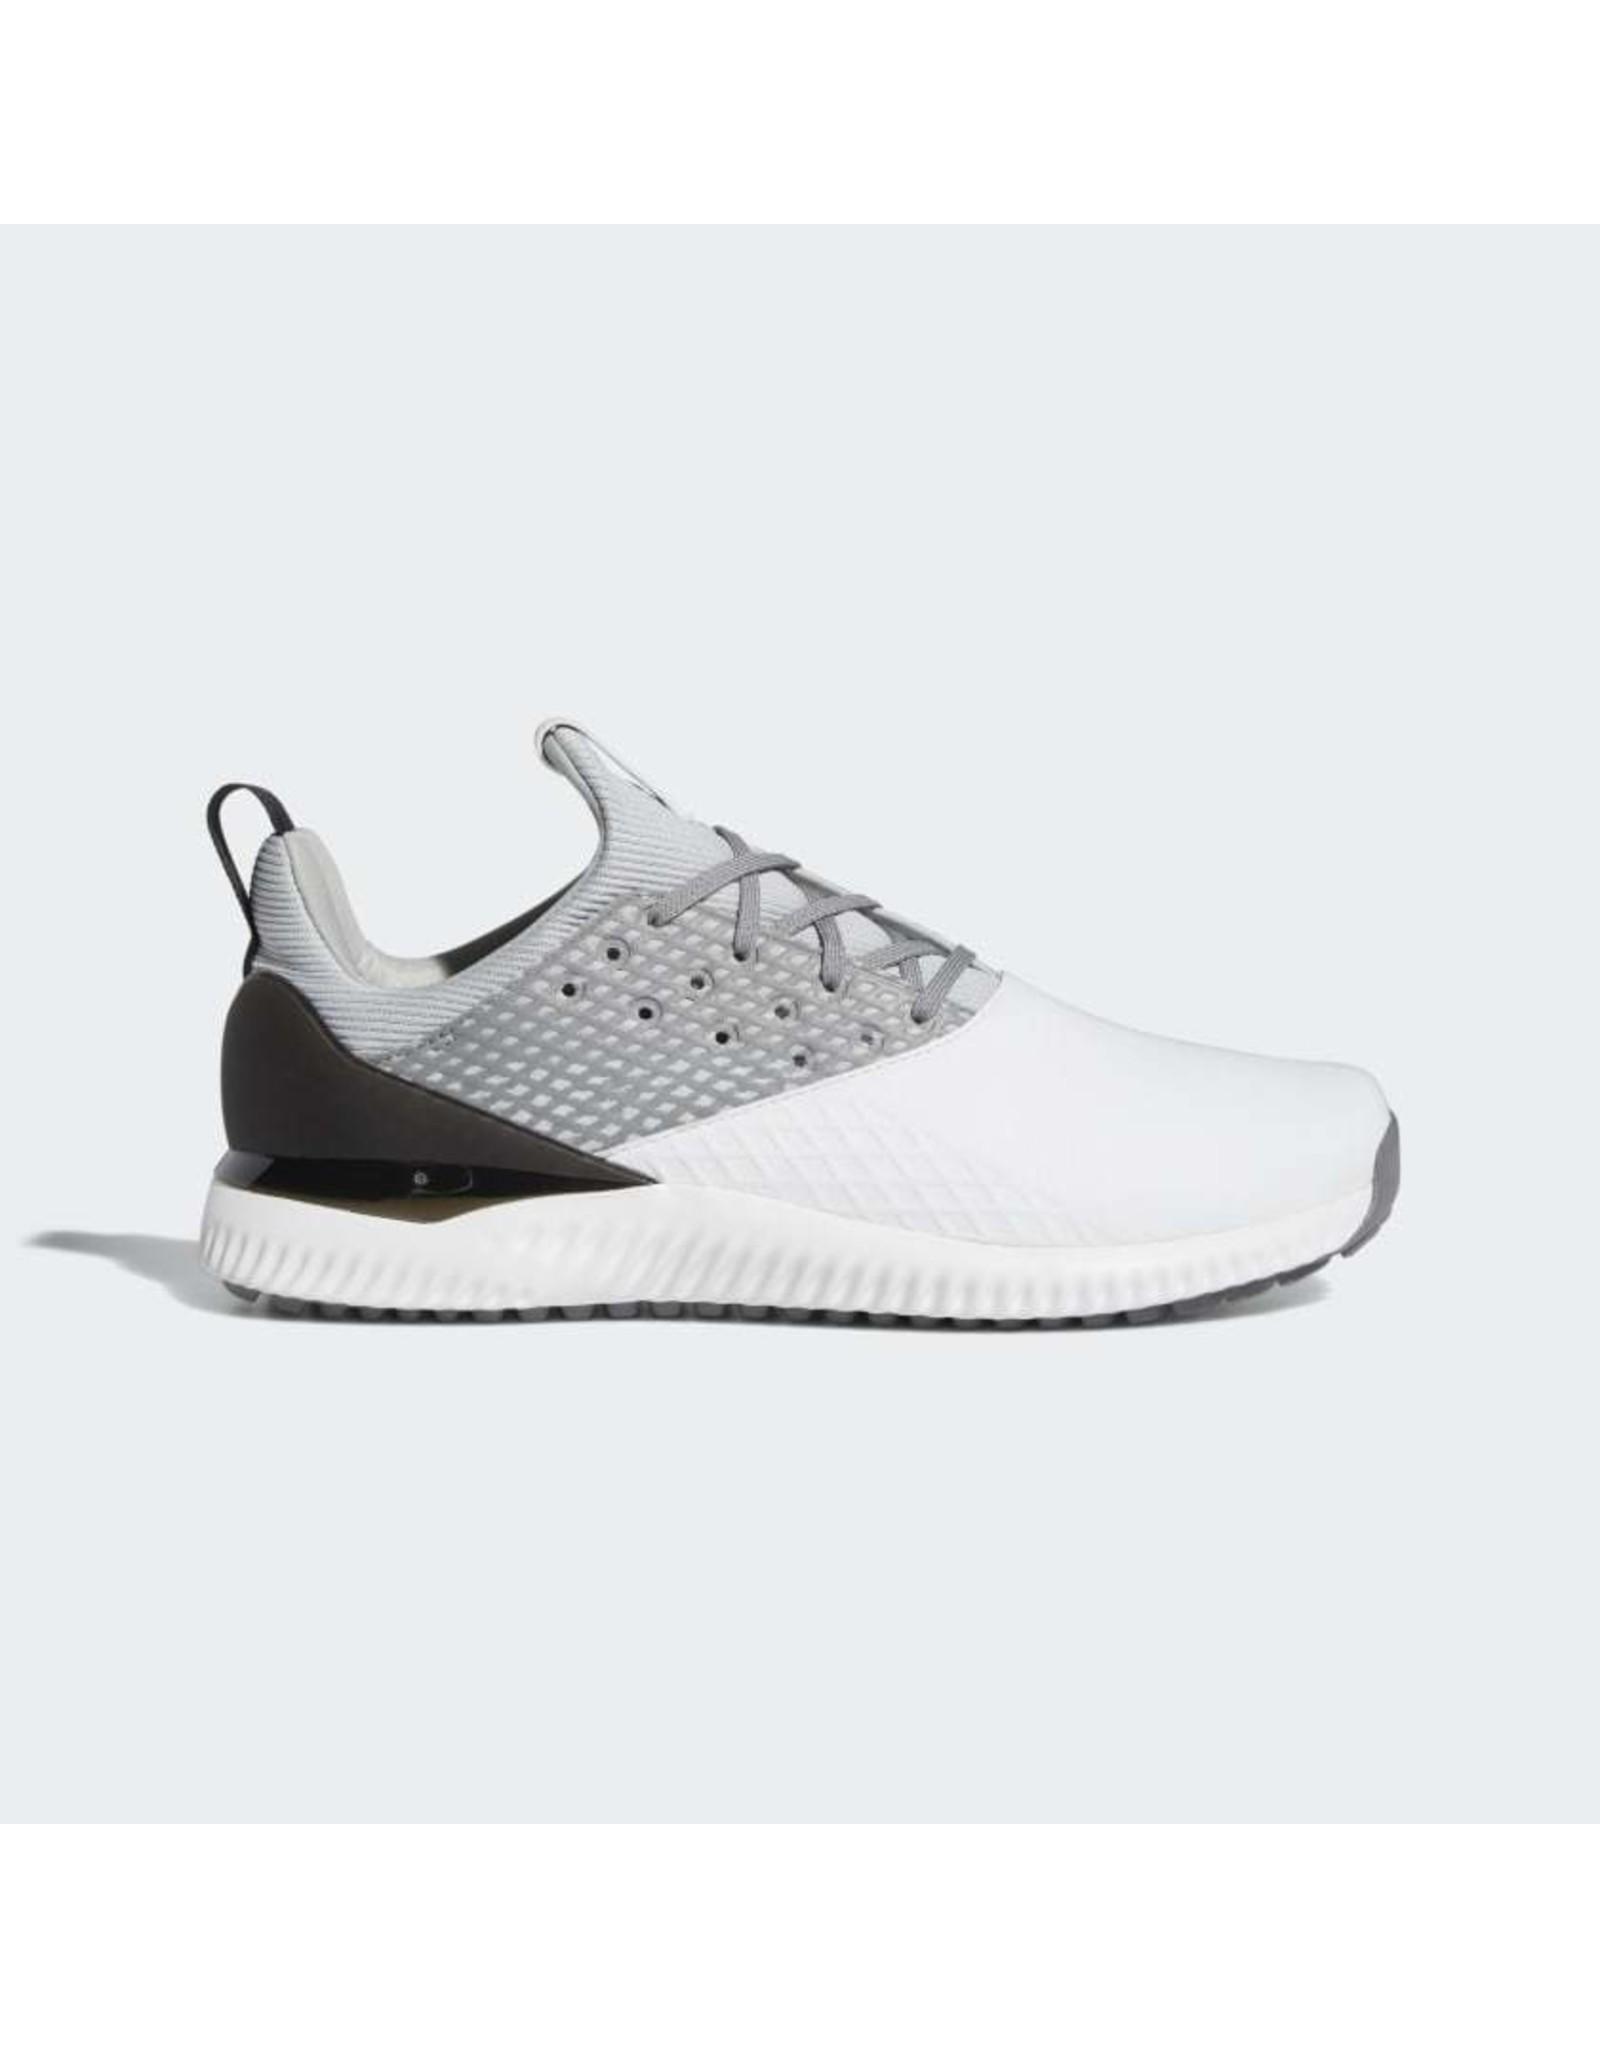 Adidas Adidas Adricross Bounce 2.0 White/Grey